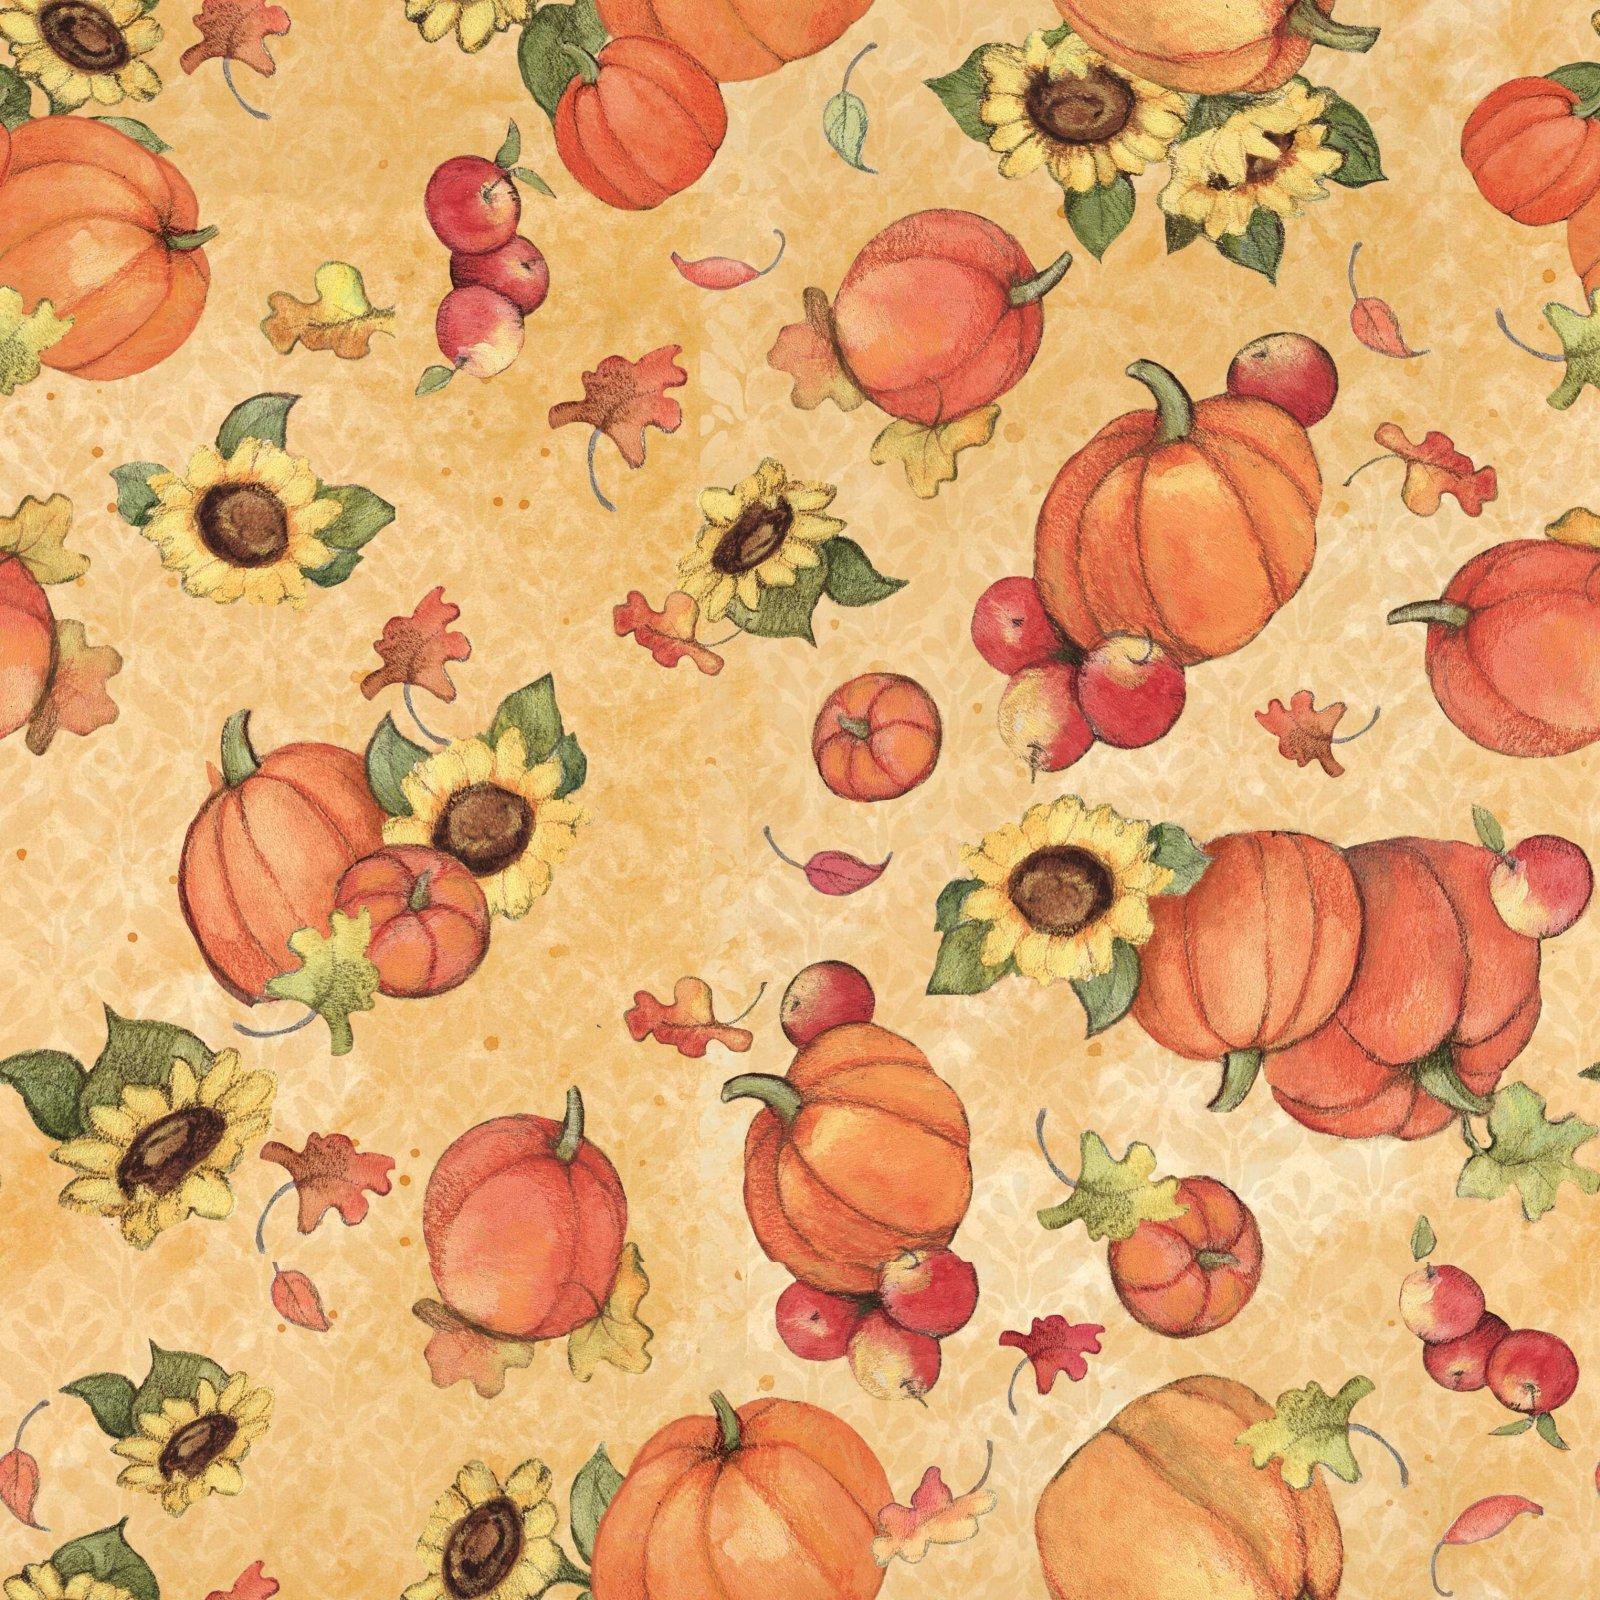 Fall Pumpkin Harvest 68777 Toss